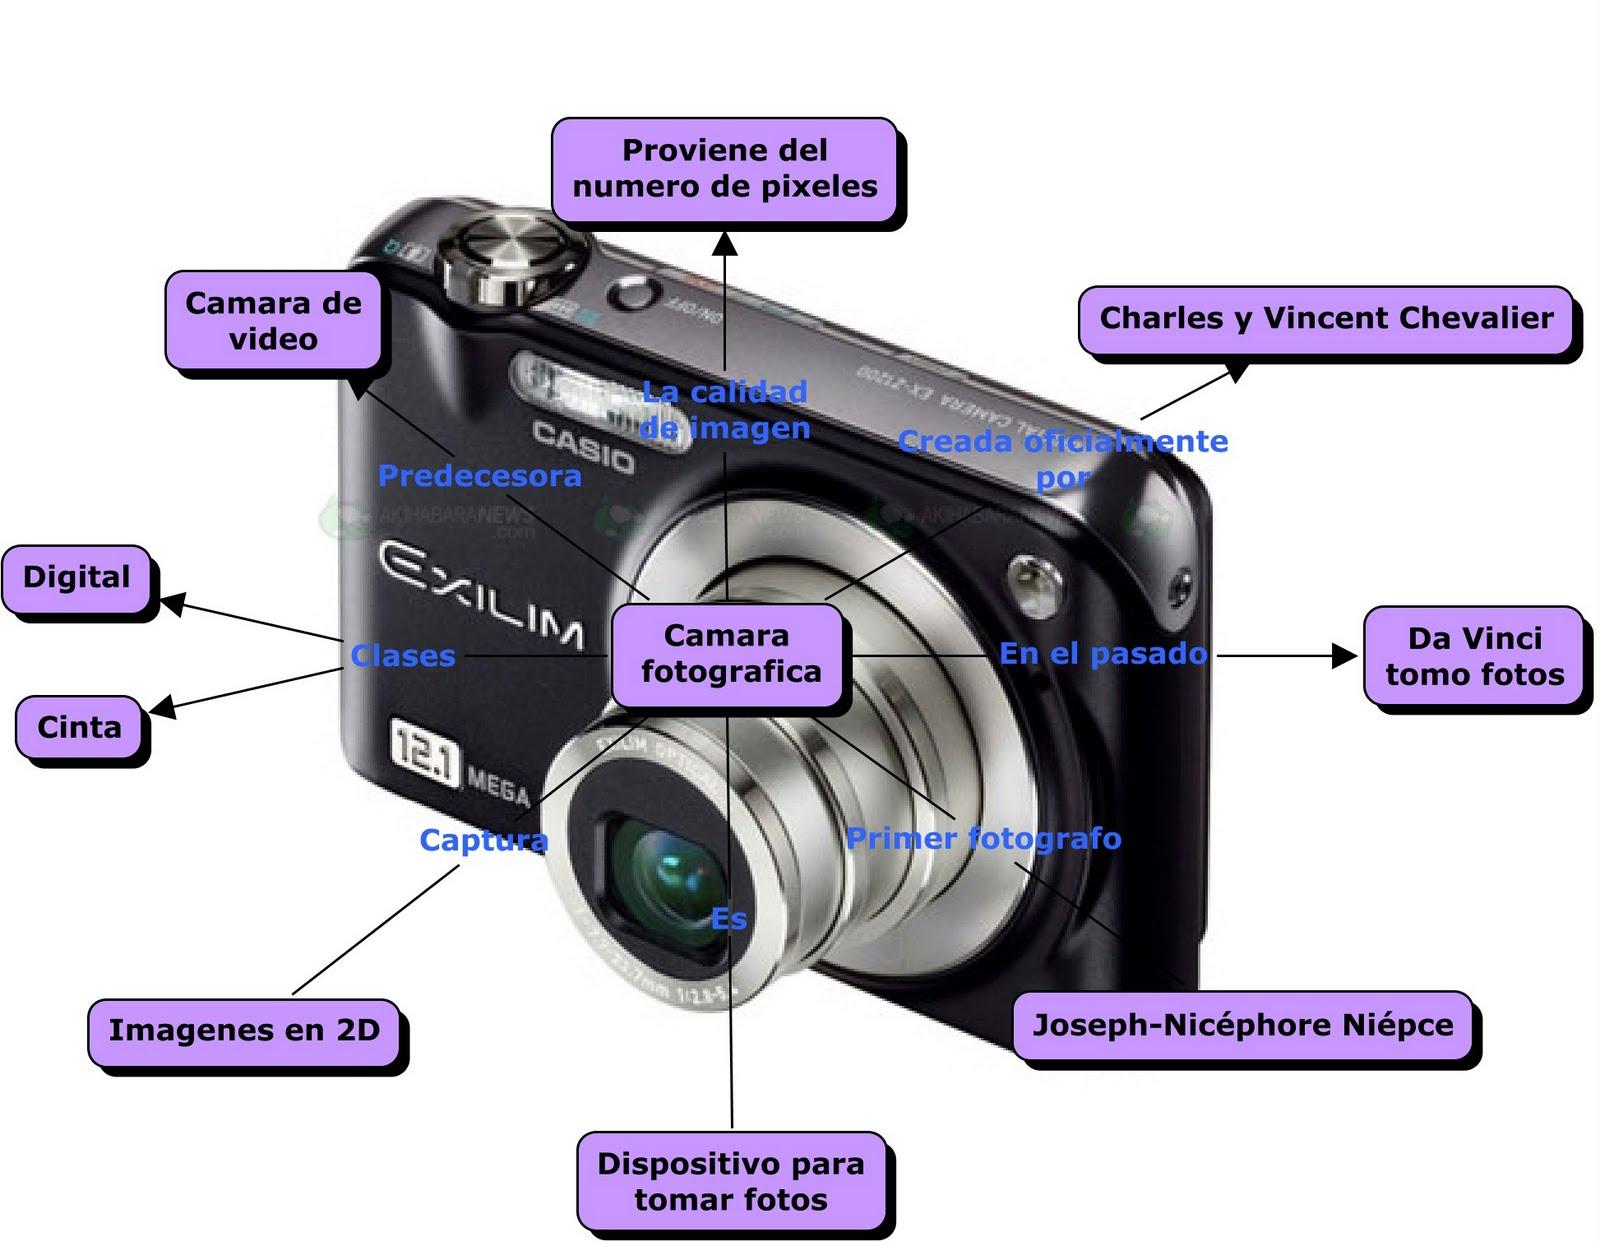 Cmara fotogrfica - Wikipedia, la enciclopedia libre 24